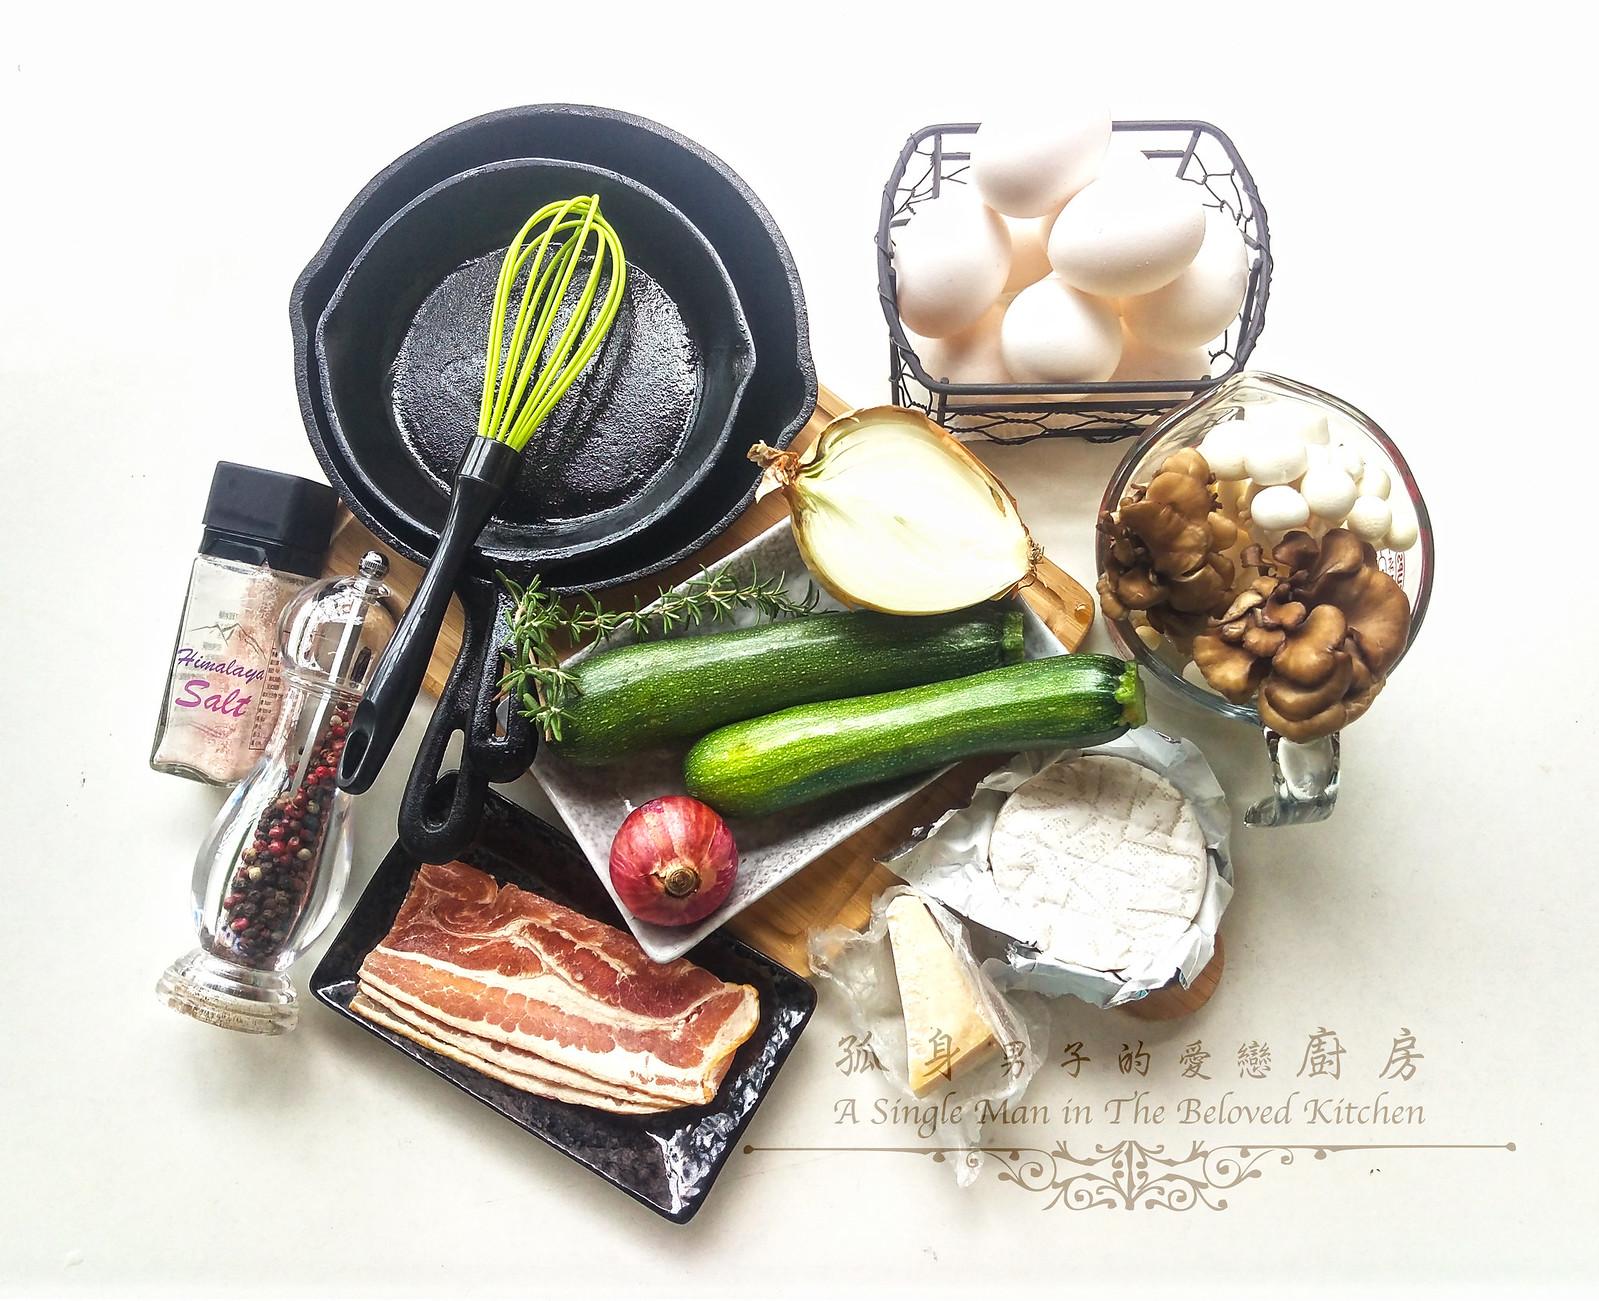 孤身廚房-清冰箱簡單早午餐!培根野菇櫛瓜義式烘蛋Frittata1